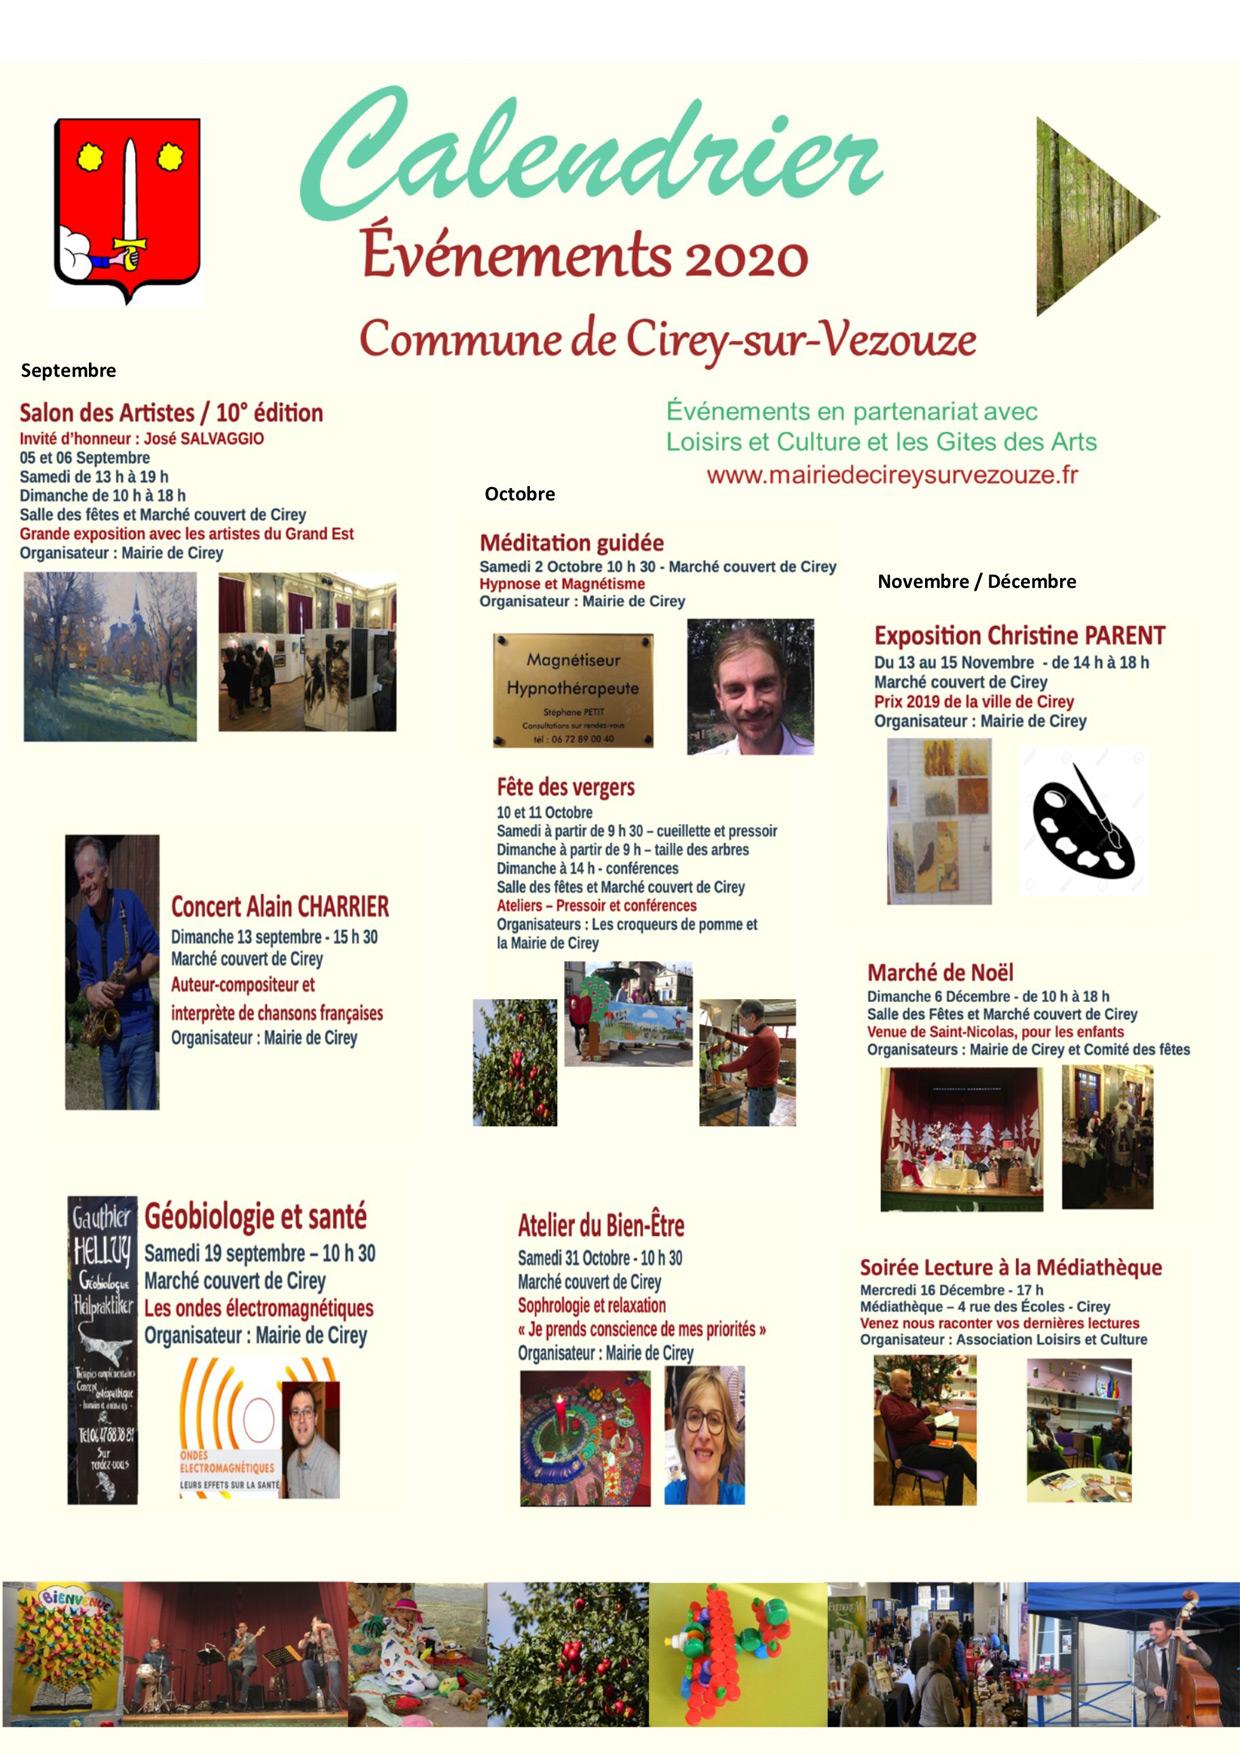 Calendrier animations Cirey-sur-Vezouze 2020